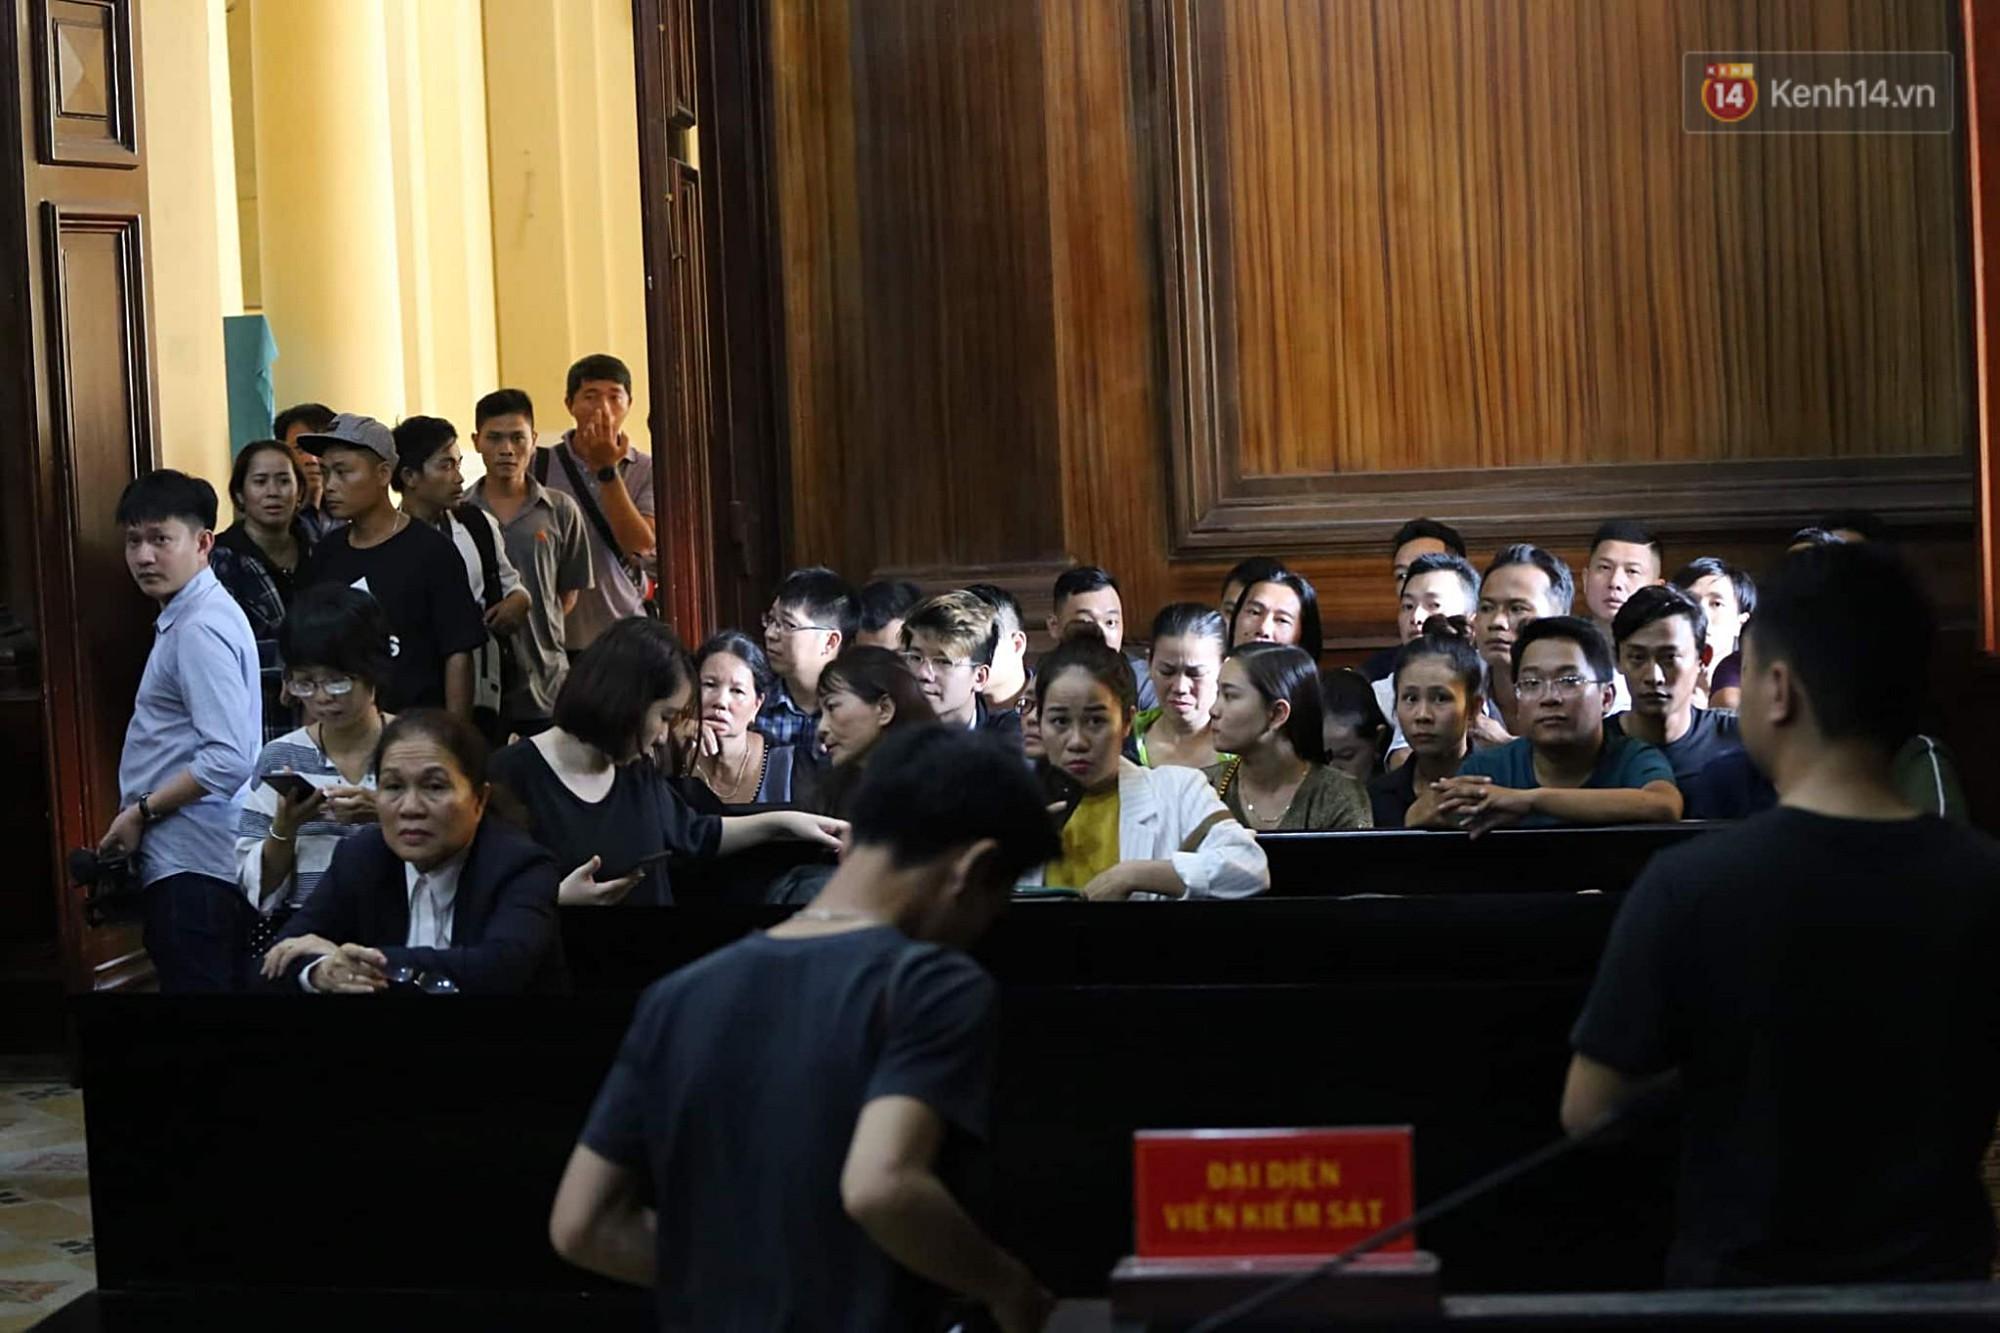 Bác sĩ Chiêm Quốc Thái và mẹ vợ đấu khẩu gay gắt trước phiên tòa xét xử vụ vợ bỏ 1 tỷ thuê giang hồ truy sát chồng-1